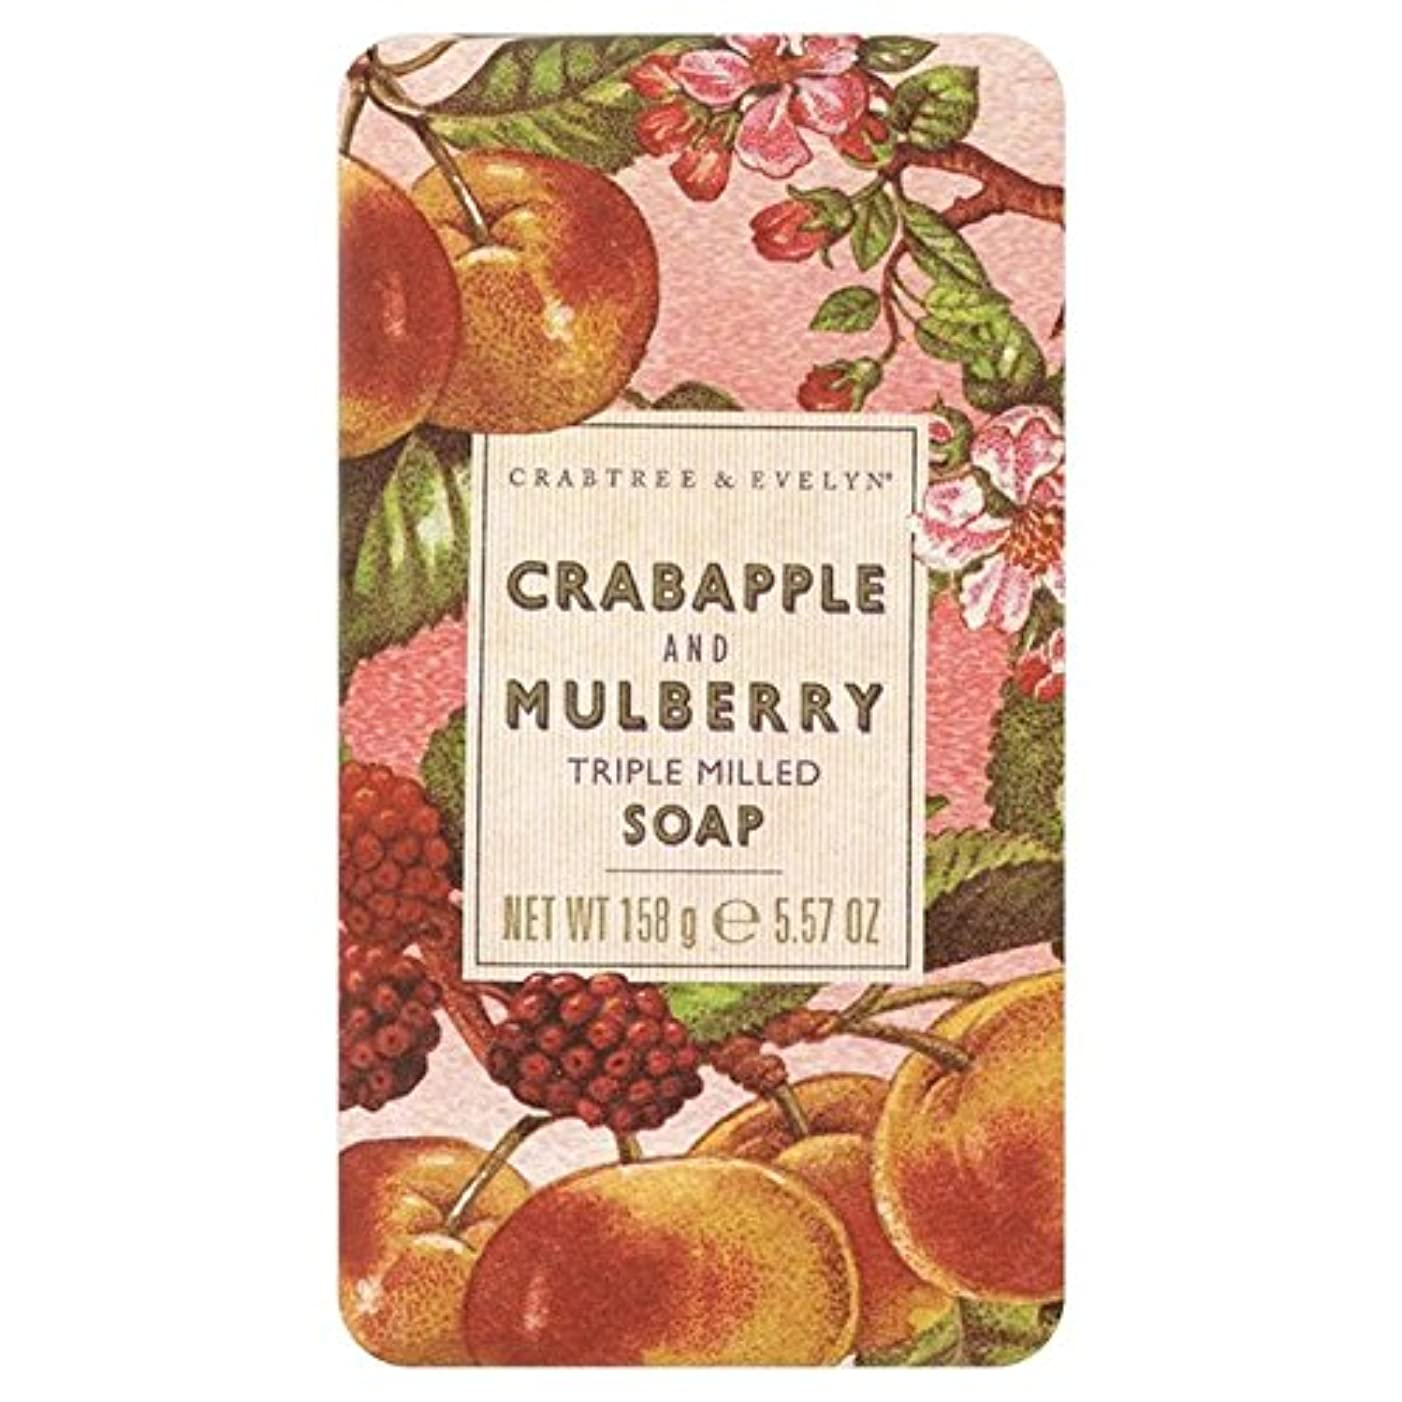 番目機関車若者クラブツリー&イヴリンと桑遺産石鹸150グラム x4 - Crabtree & Evelyn Crabapple and Mulberry Heritage Soap 150g (Pack of 4) [並行輸入品]